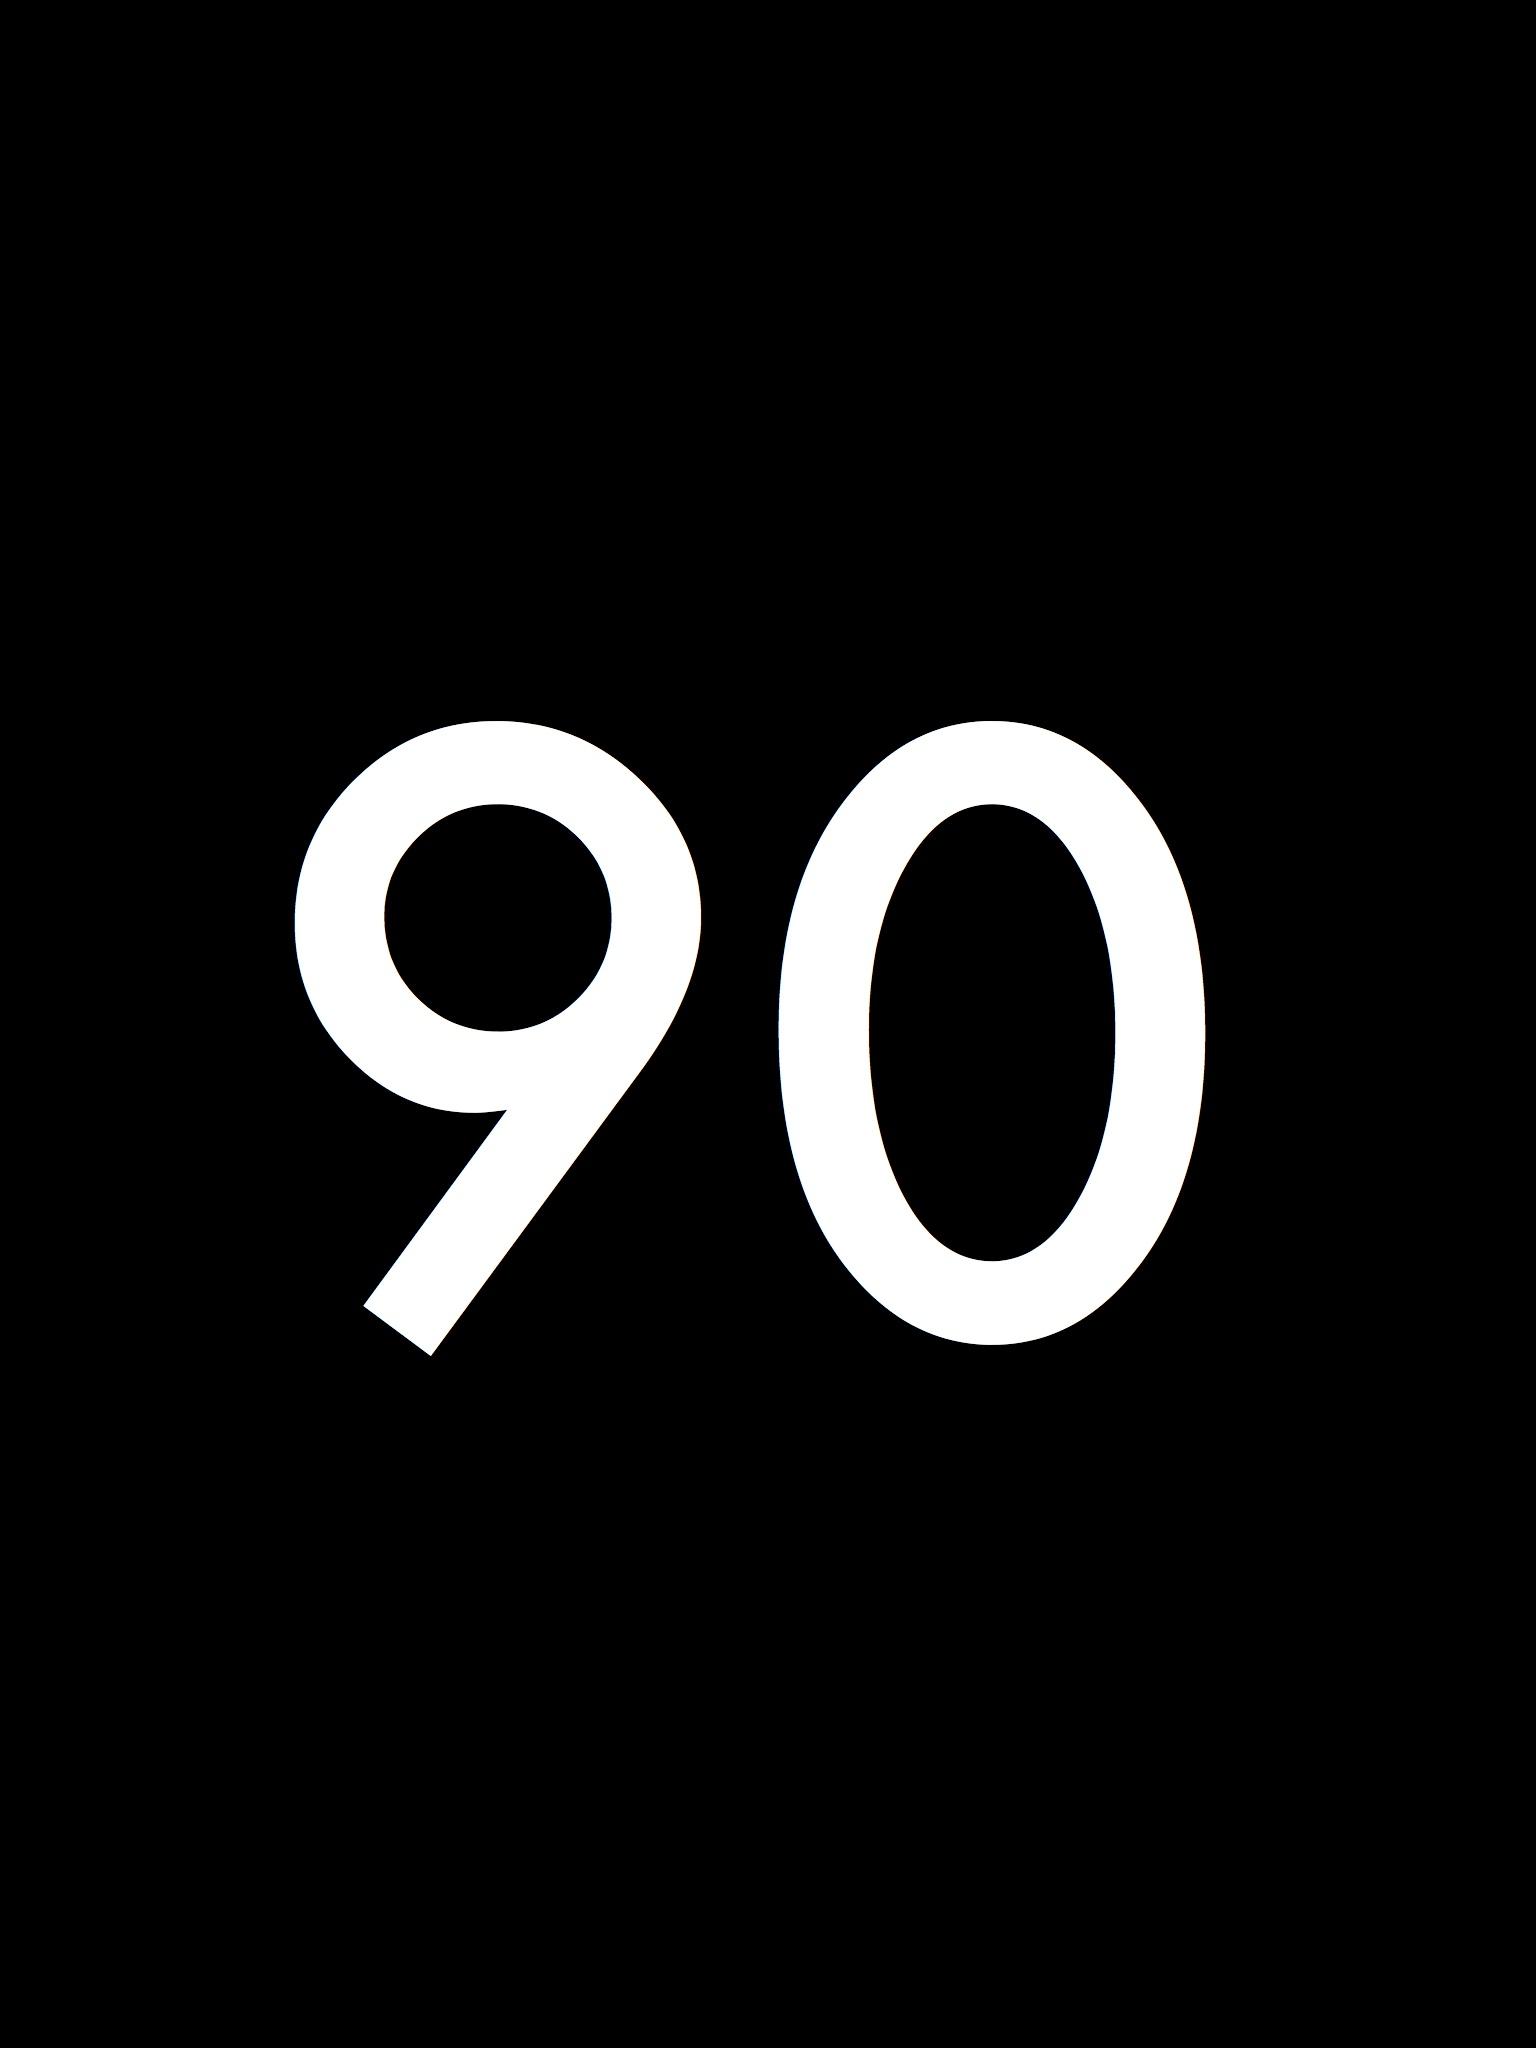 Black_Number.090.jpg